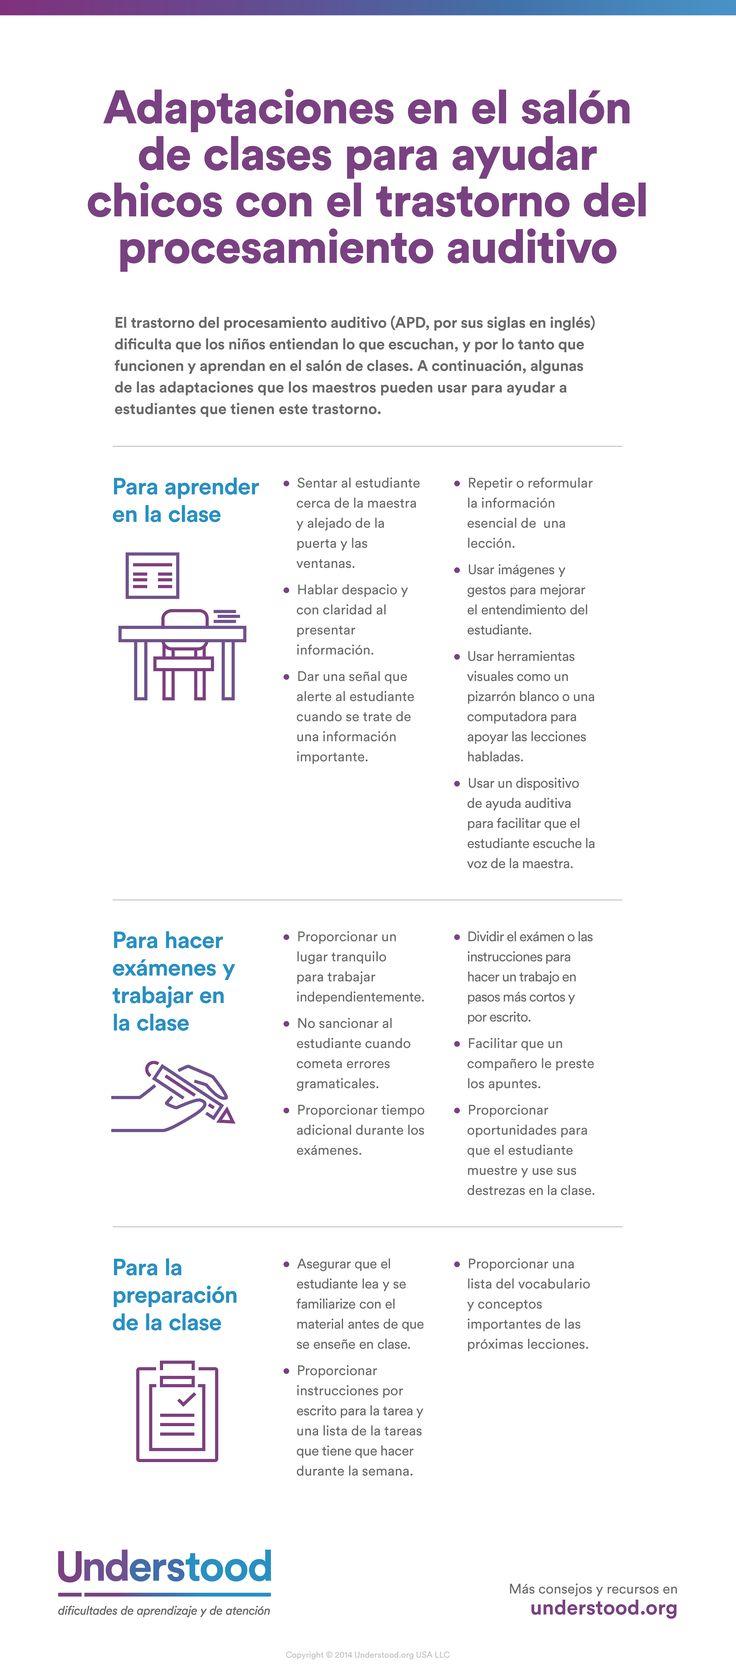 Adaptaciones para estudiantes que tienen el trastorno del procesamiento auditivo